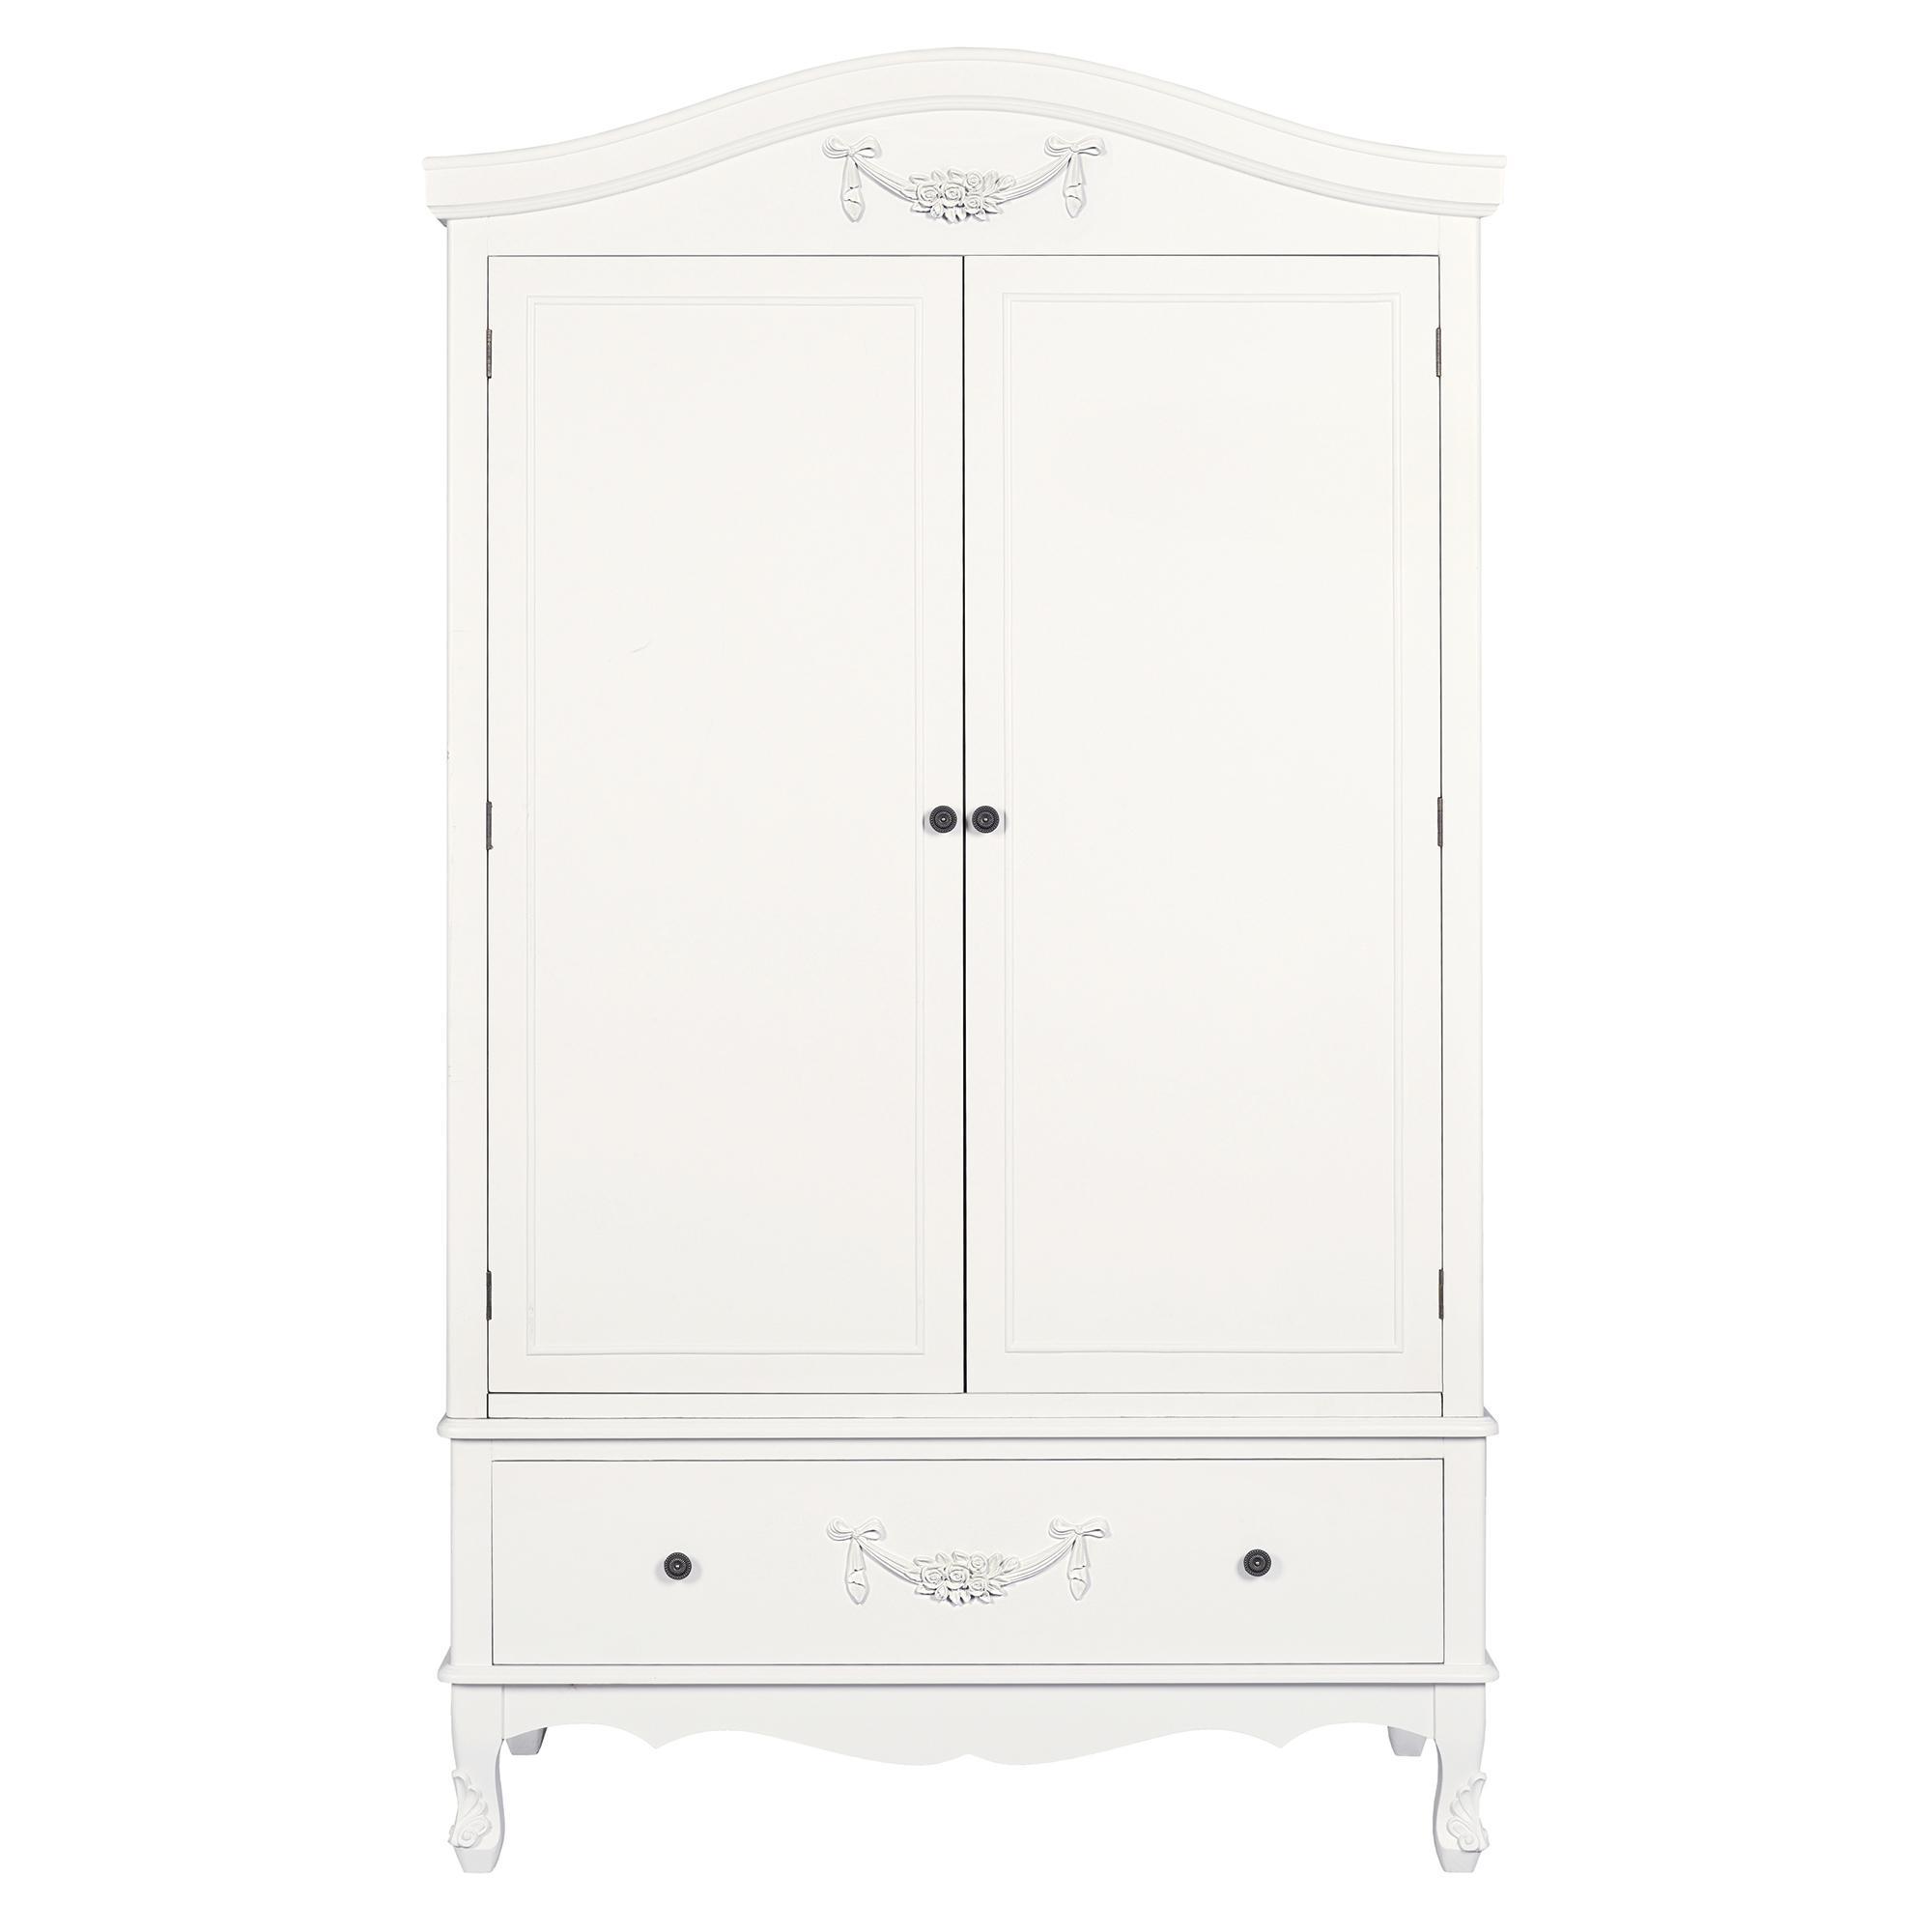 white wardrobe toulouse white double wardrobe.  loz_exclusive_to_dunelm QSBNDPC